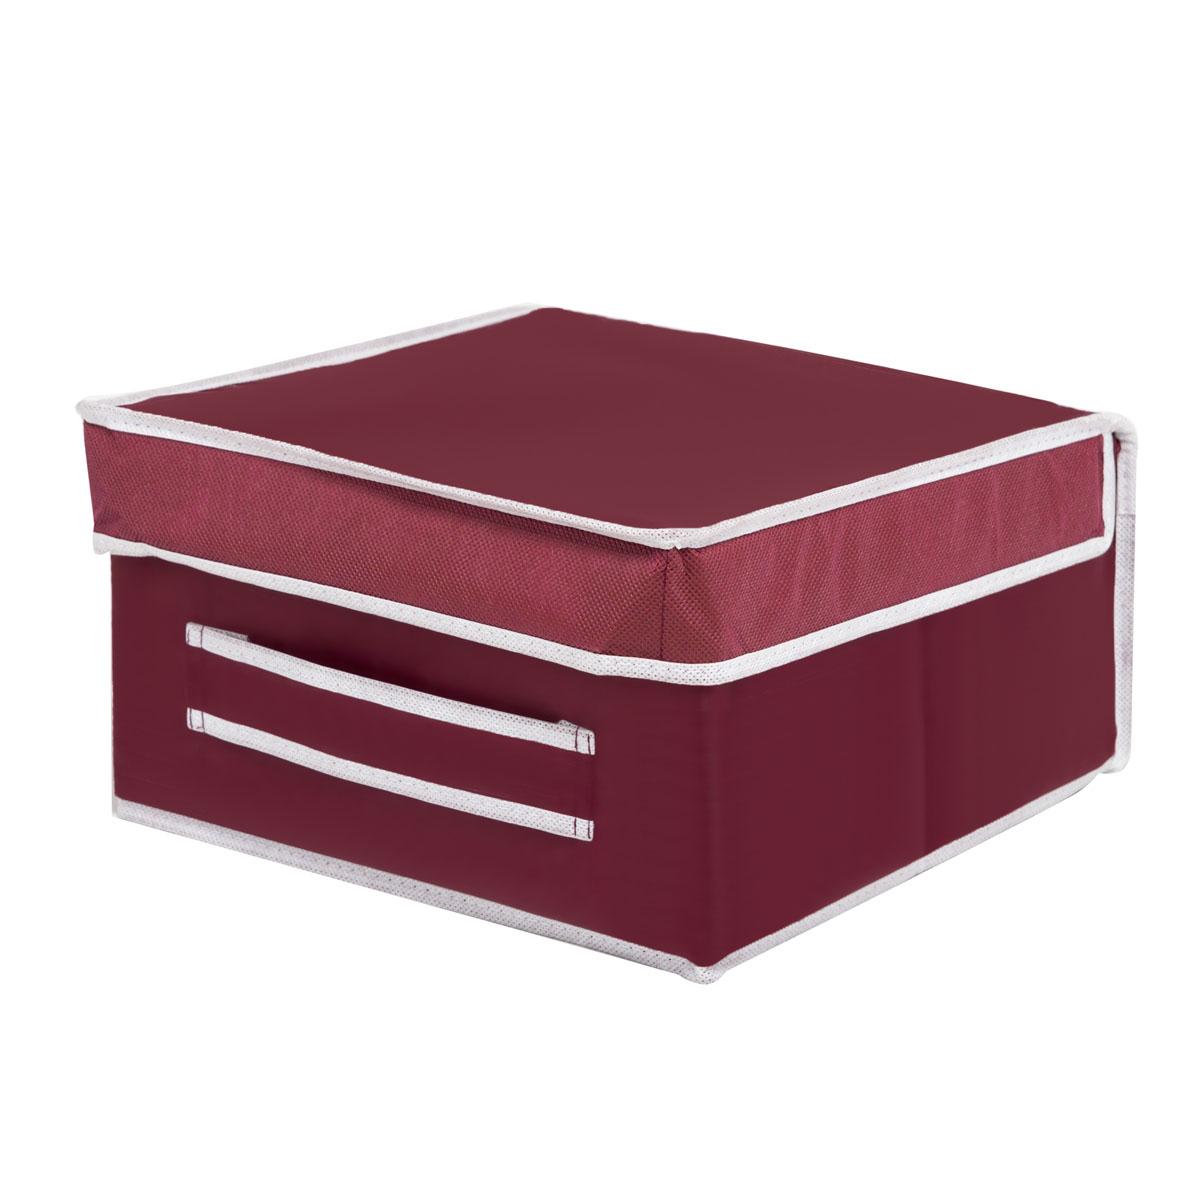 Коробка для хранения Homsu Red Rose, 30 х 30 х 16 смHOM-11Вместительная коробка для хранения Homsu Red Rose выполнена из плотного картона. Изделие обладает удобным размером и привлекательным дизайном, выполненным в приятной цветовой гамме. Внутри коробки можно хранить фотографии, ткани, принадлежности для хобби, памятные сувениры и многое другое. Крышка изделия удобно открывается и закрывается. Коробка для хранения Homsu Red Rose станет незаменимой помощницей в путешествиях.